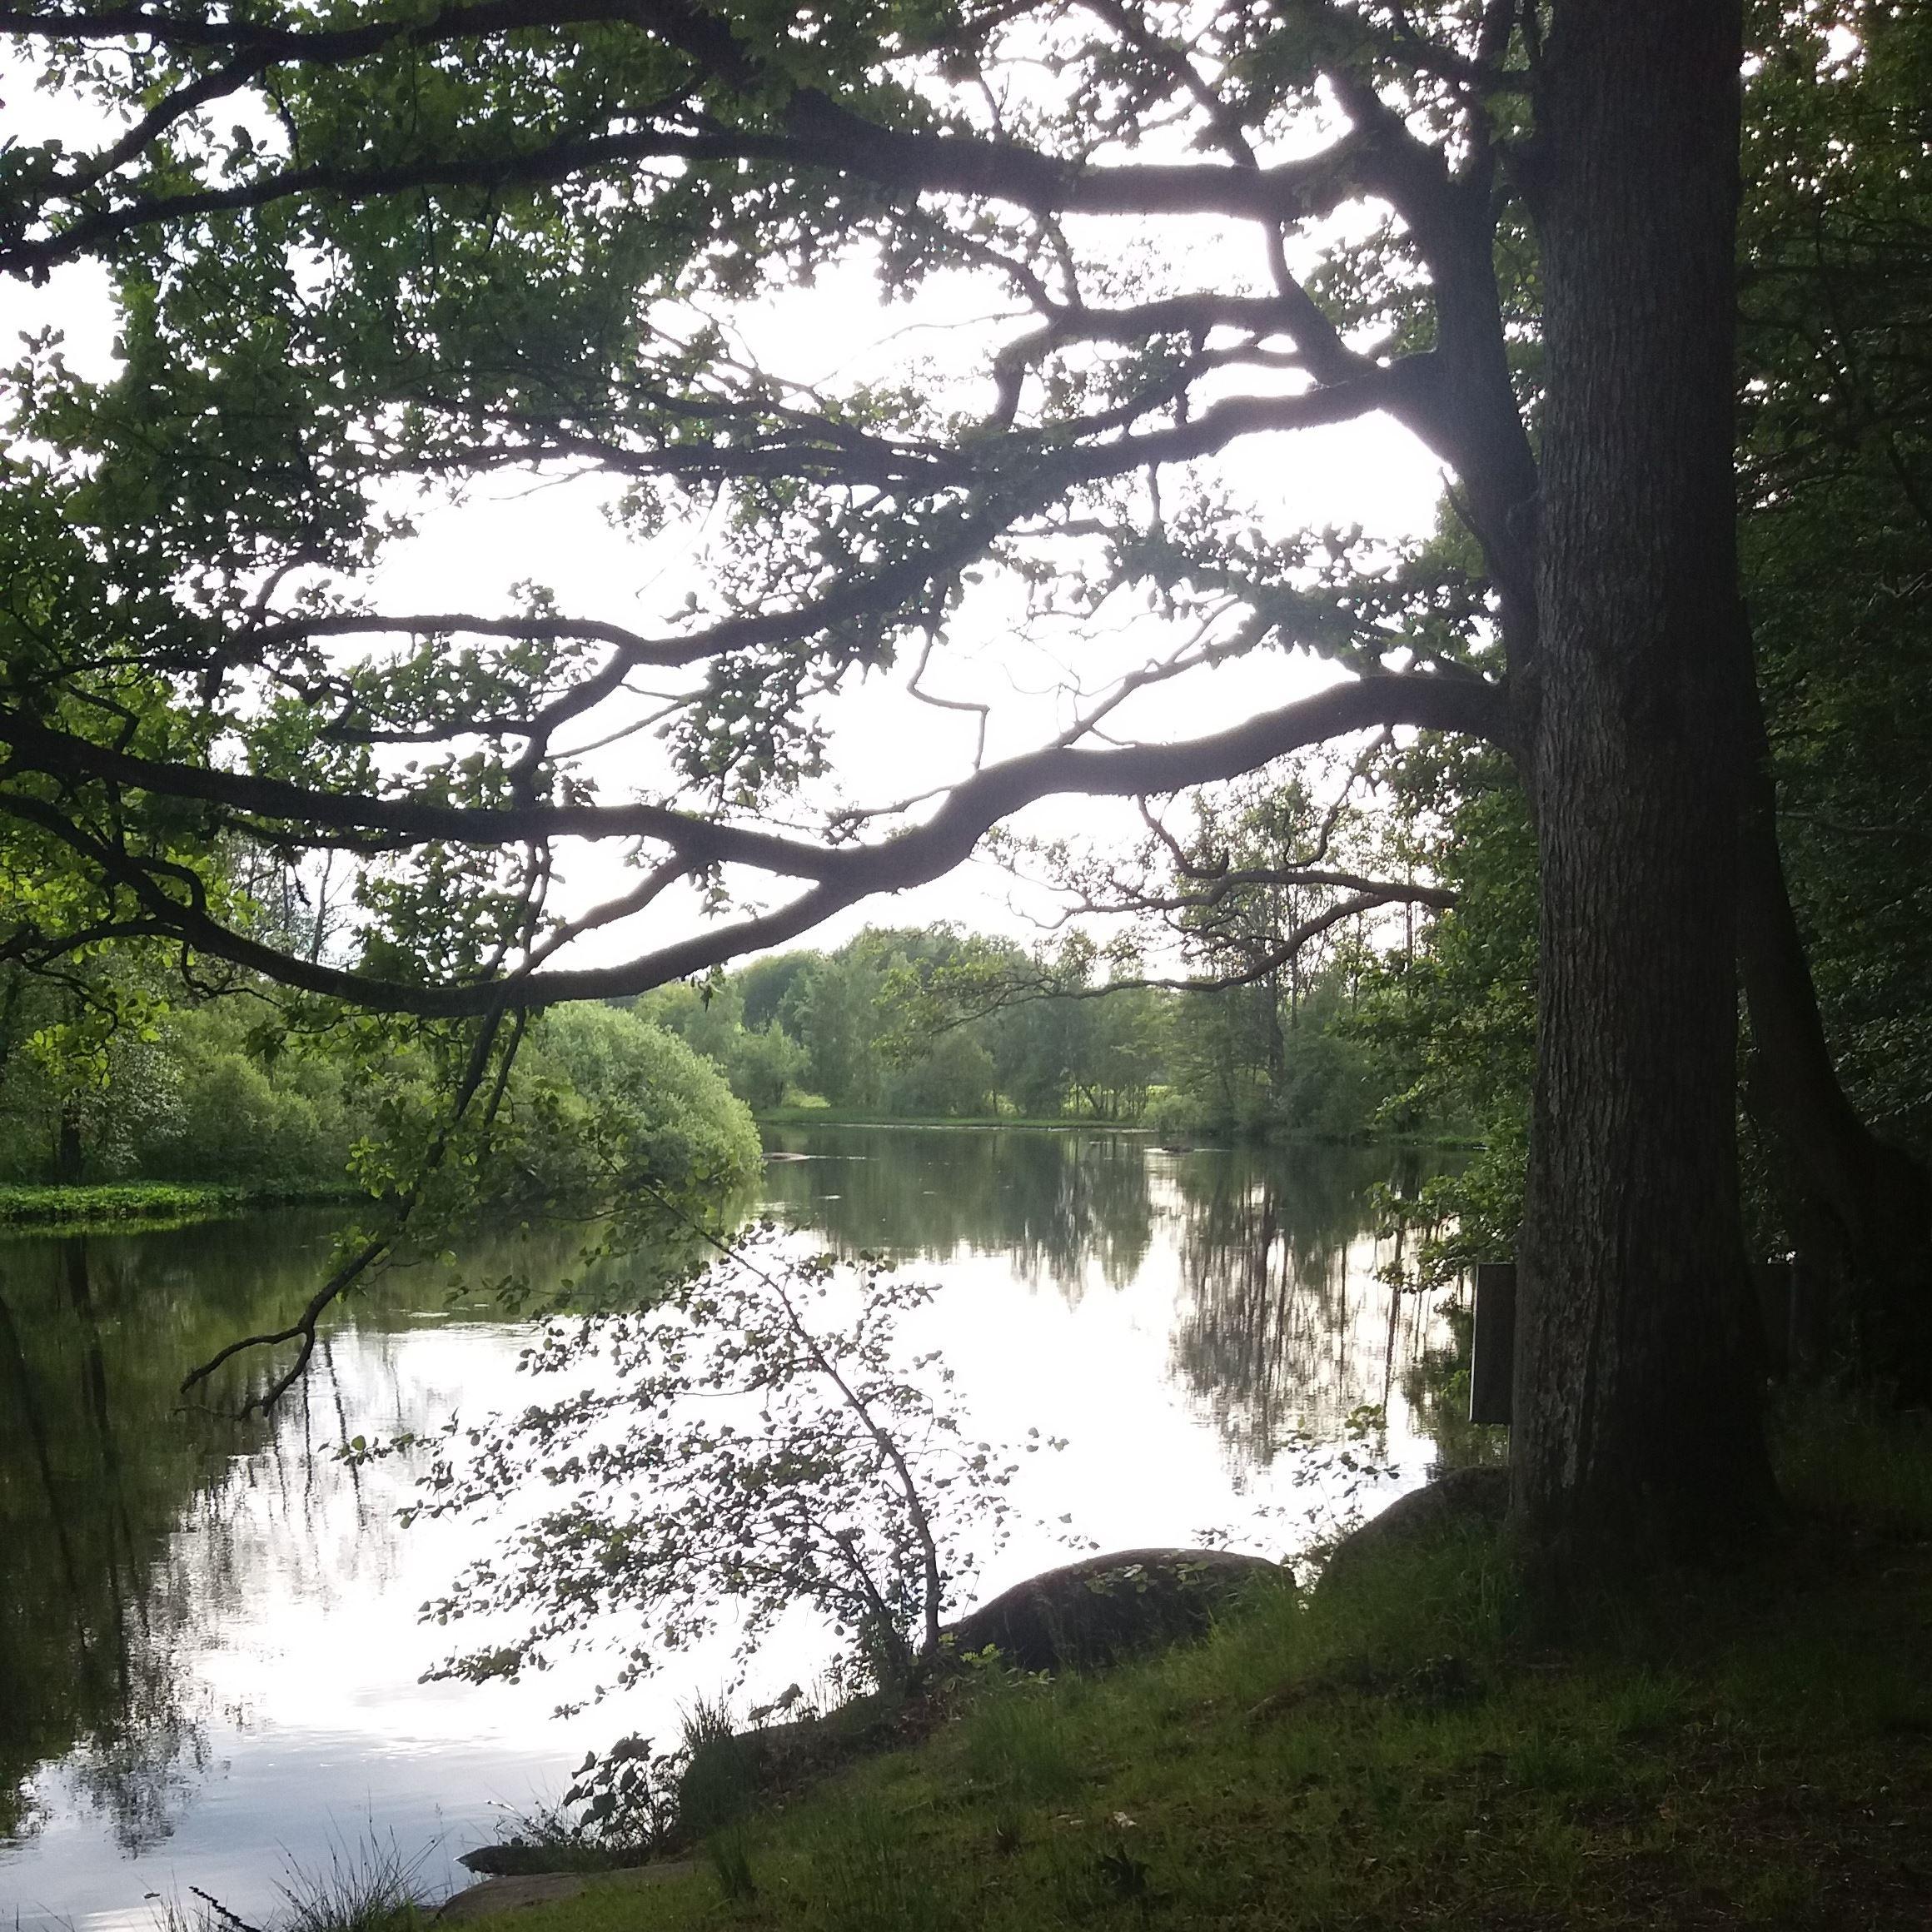 Paddeltur 3: Helge å, Hovgården/Skeingesjön - Osbysjön (13-15 km)